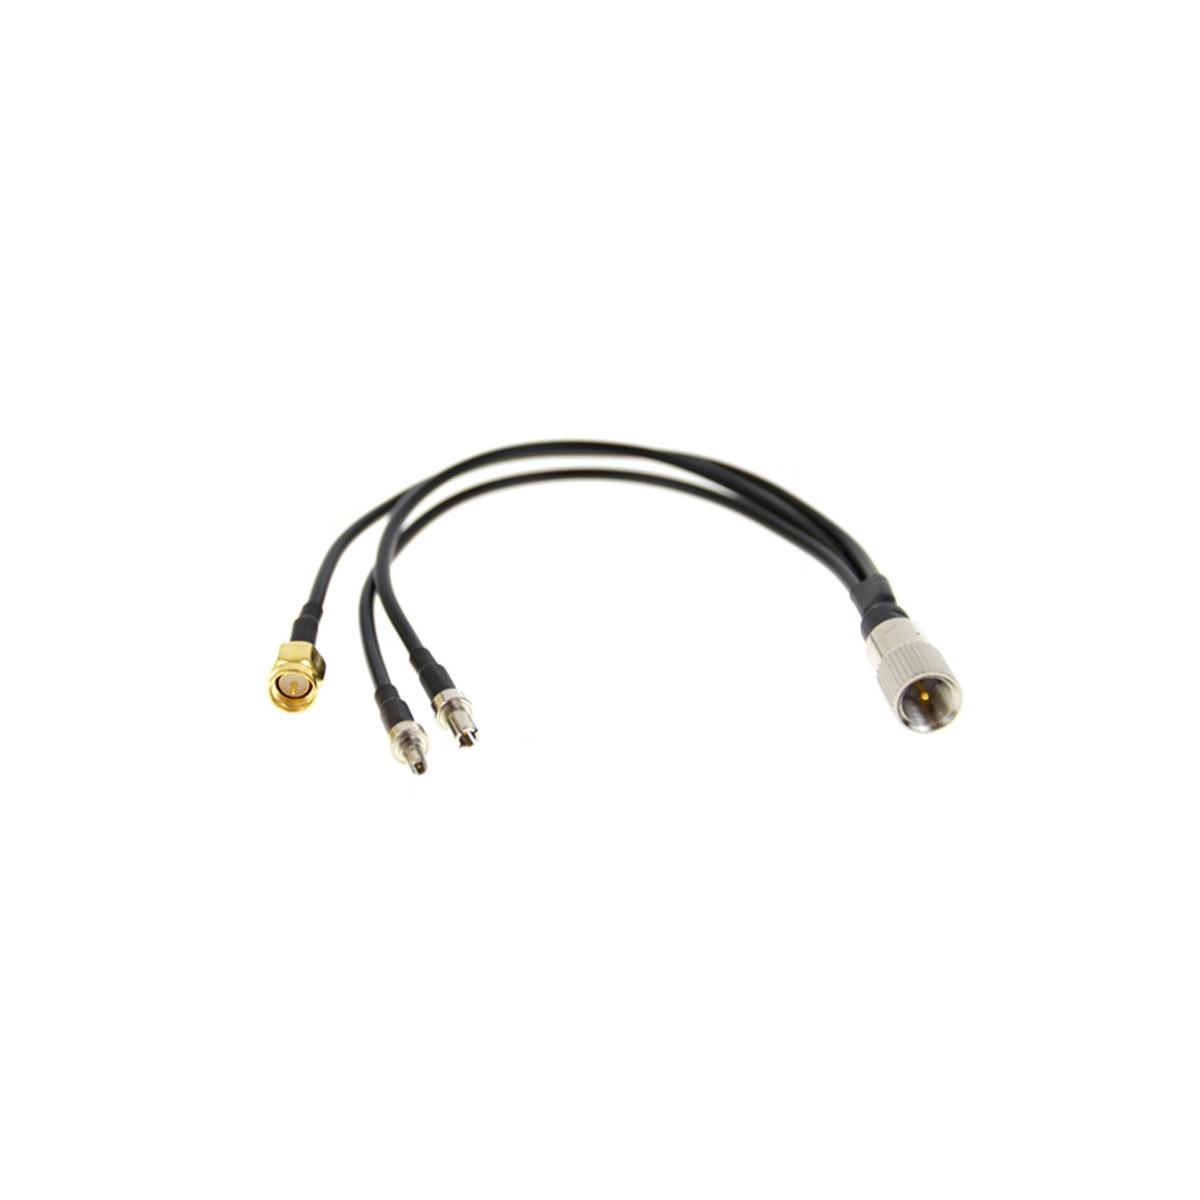 Konektor 15cm FMEm-CRC9+TS9+SMA (3w1)